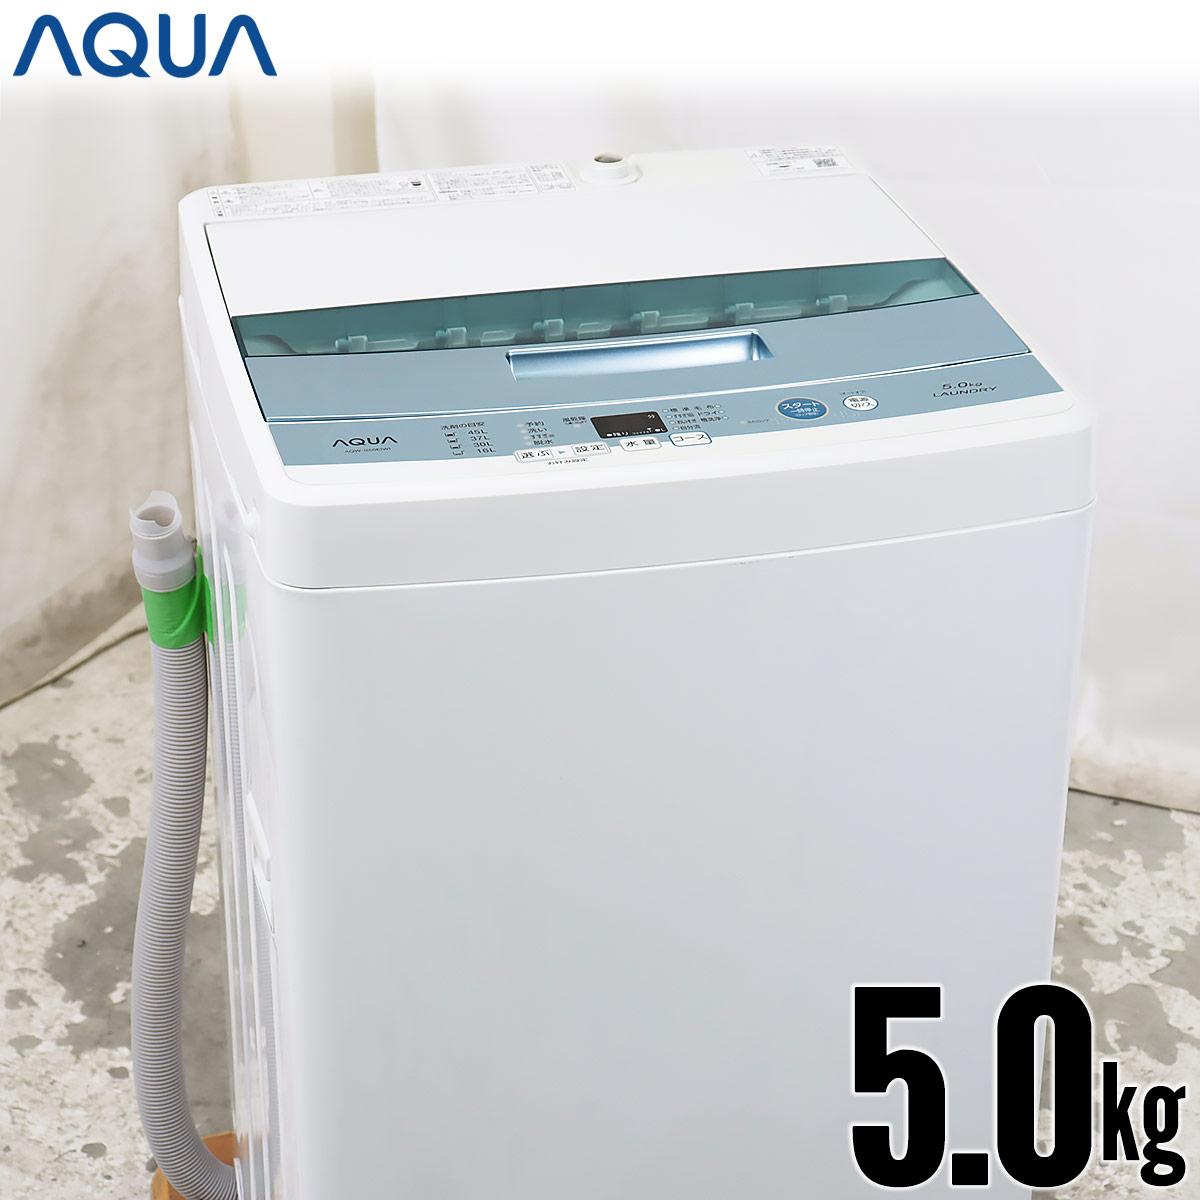 評判 洗濯機 aqua 【鬼比較】 洗濯機